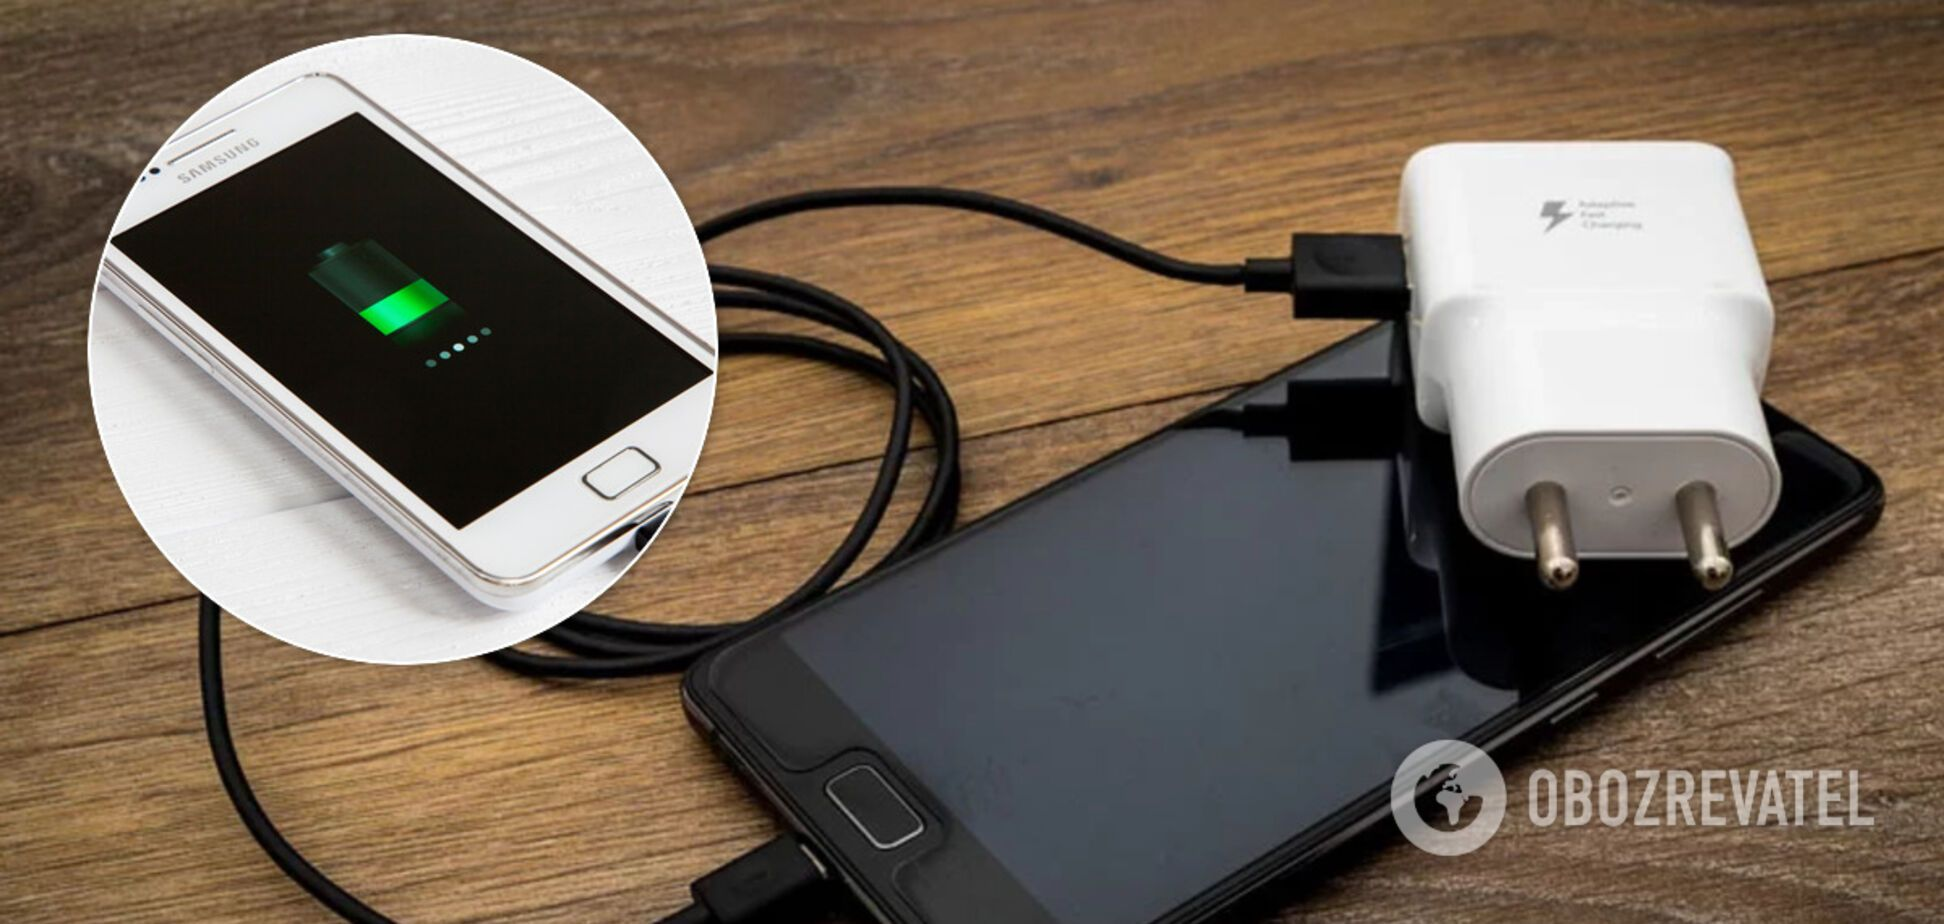 Як правильно заряджати смартфон в перший раз: інструкція від вчених